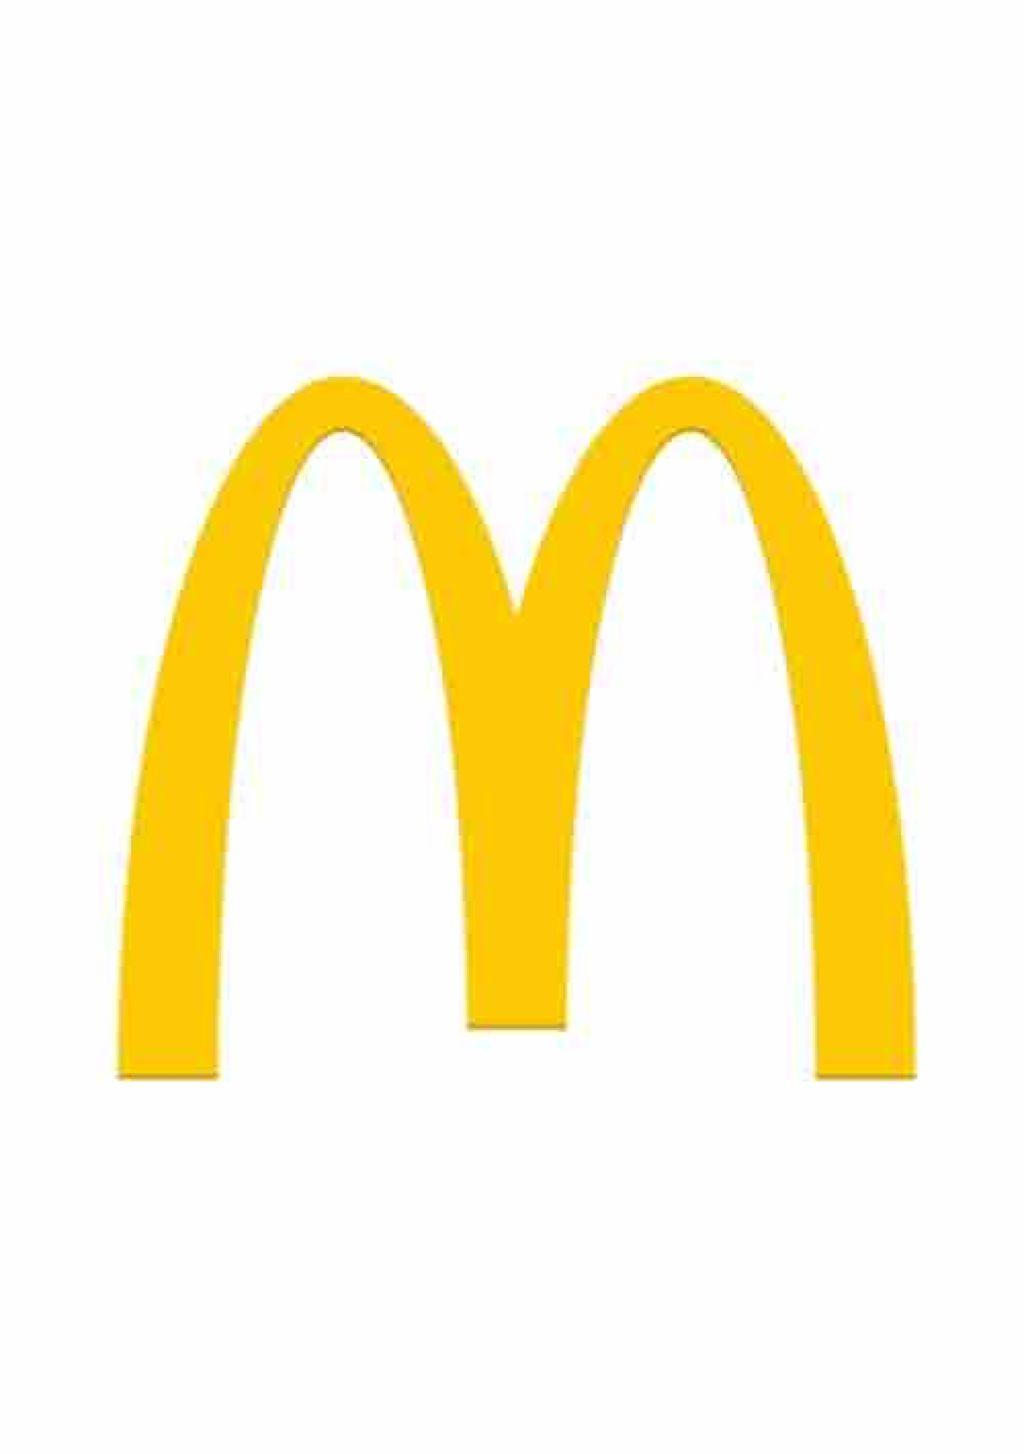 🍔 + 🍟 = マクドナルド M